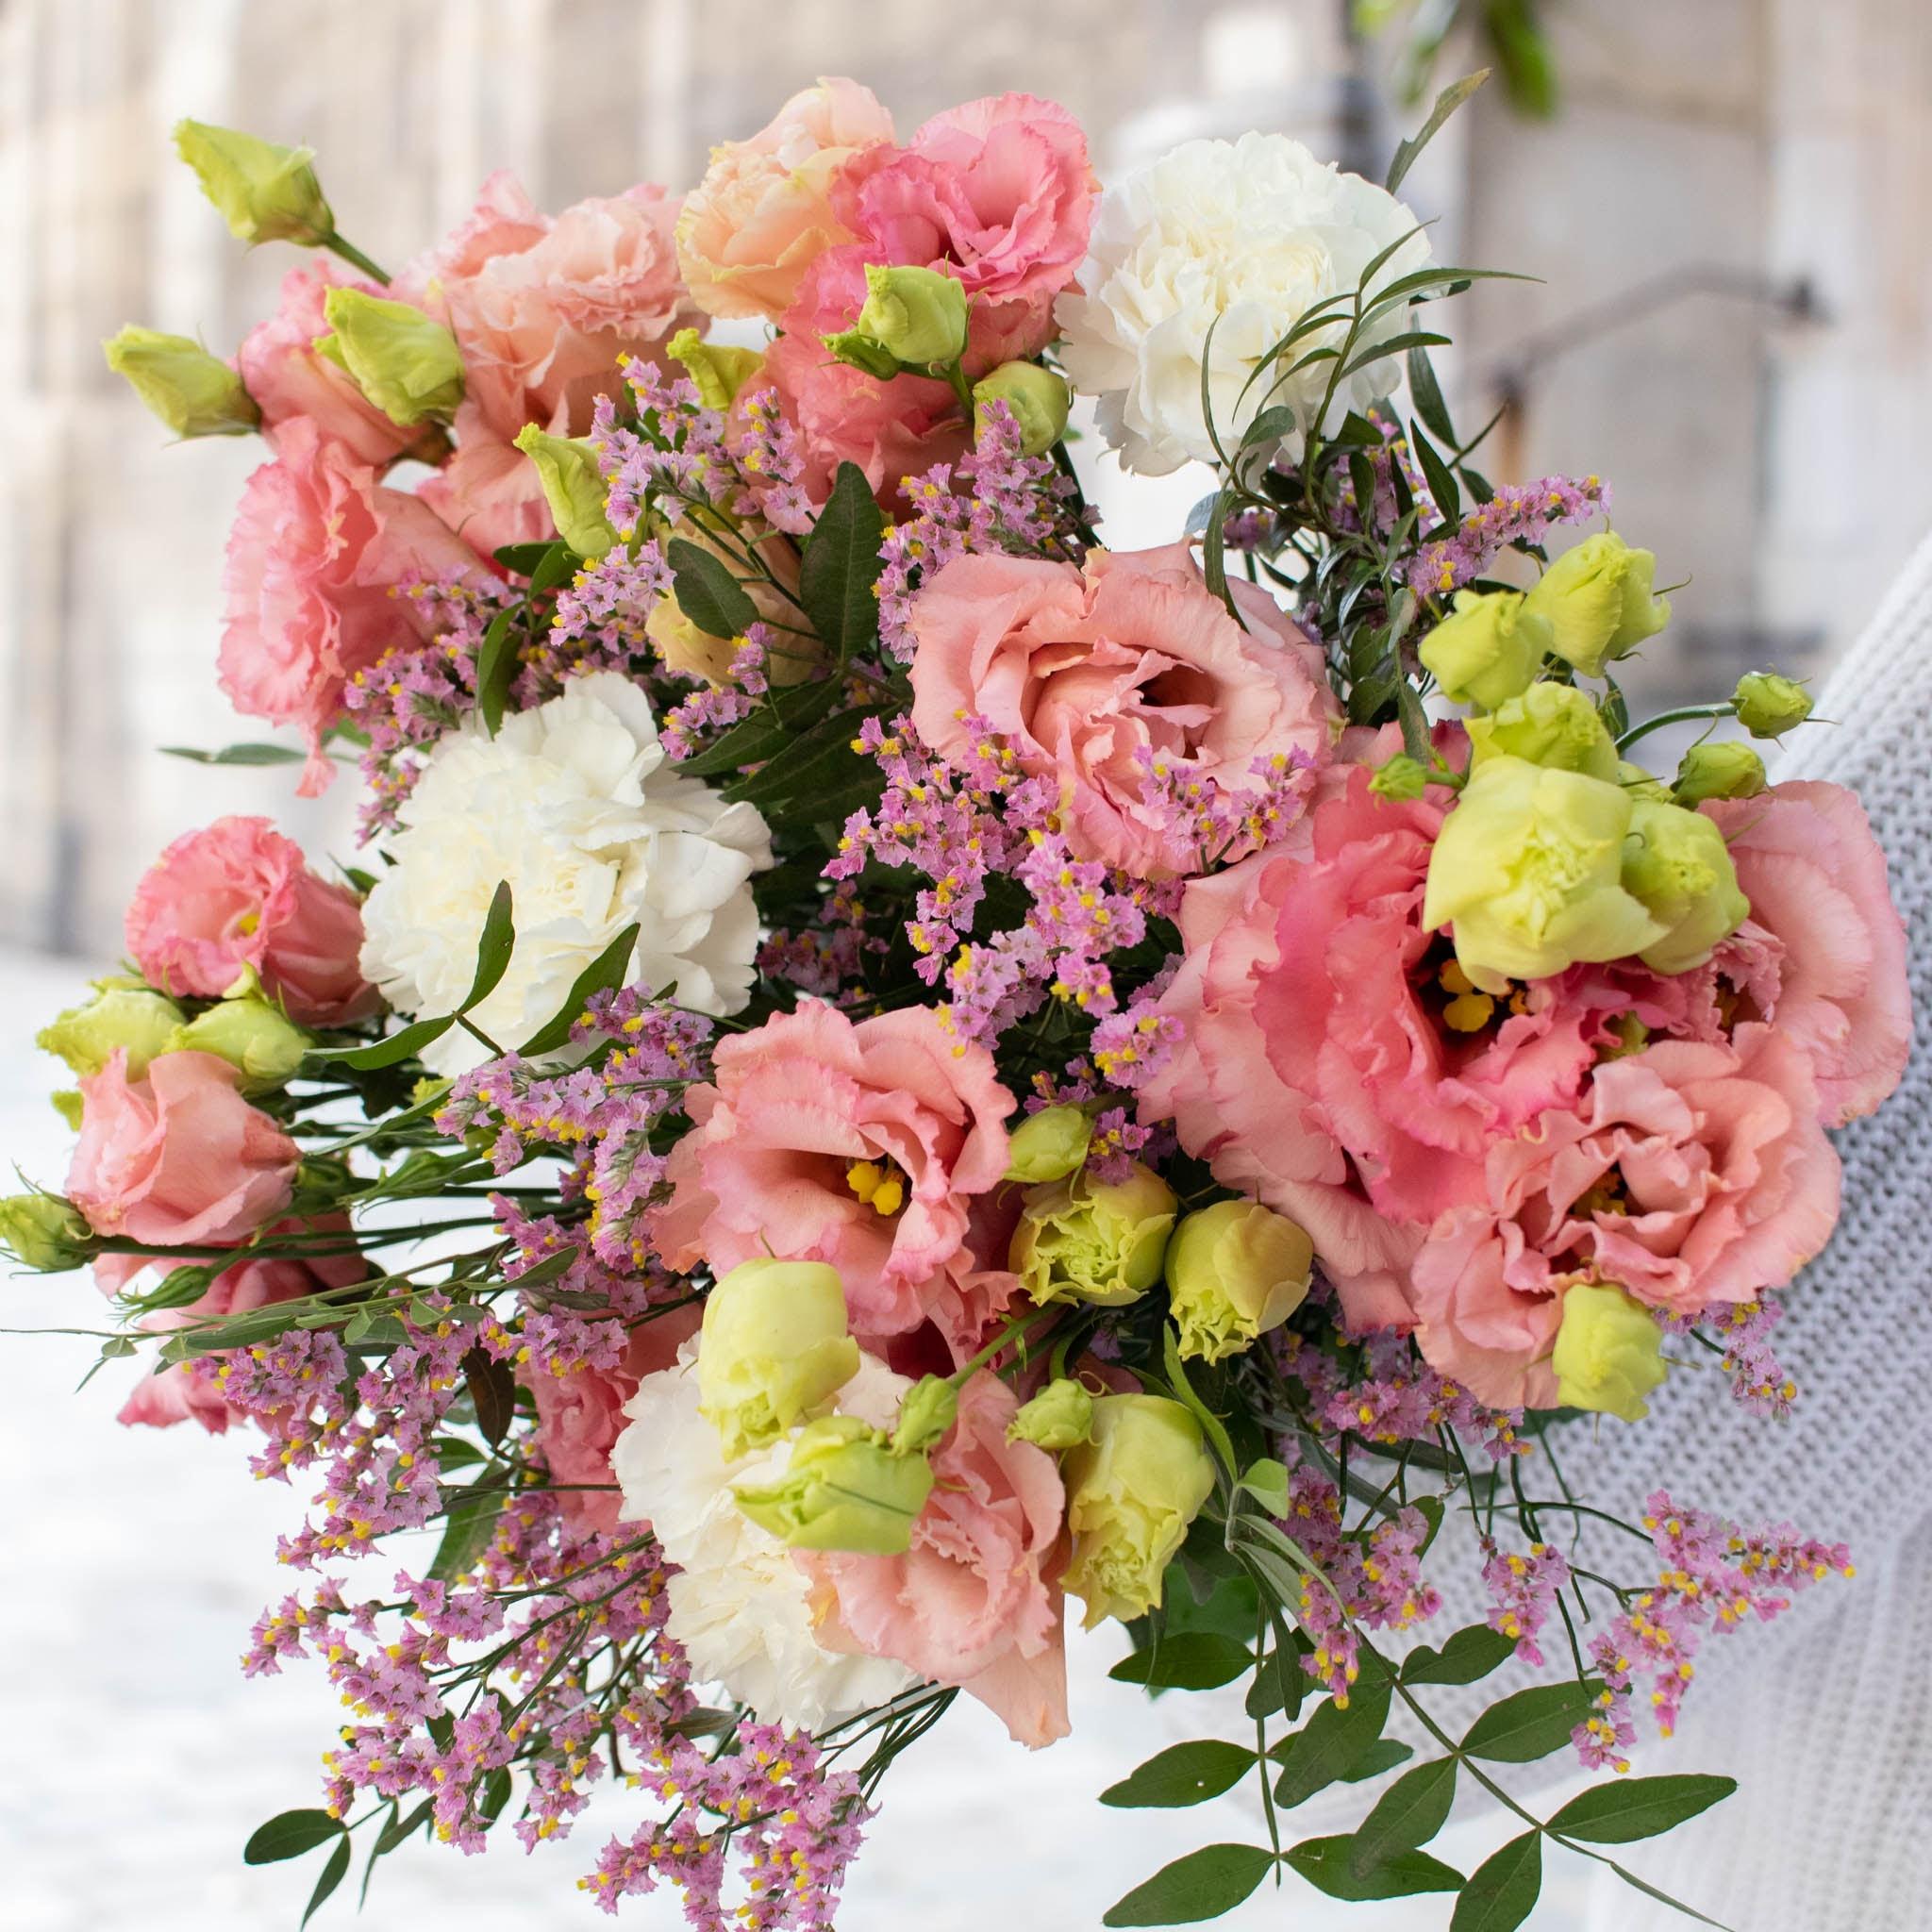 """Blumenstrauß Malibu - Innerhalb der nächsten zwei Wochen spenden wir pro verkauftem Blumenstrauß 2€ an """"Aktion Deutschland hilft"""" und die Betroffenen der Hochwasser-Katastrophe."""